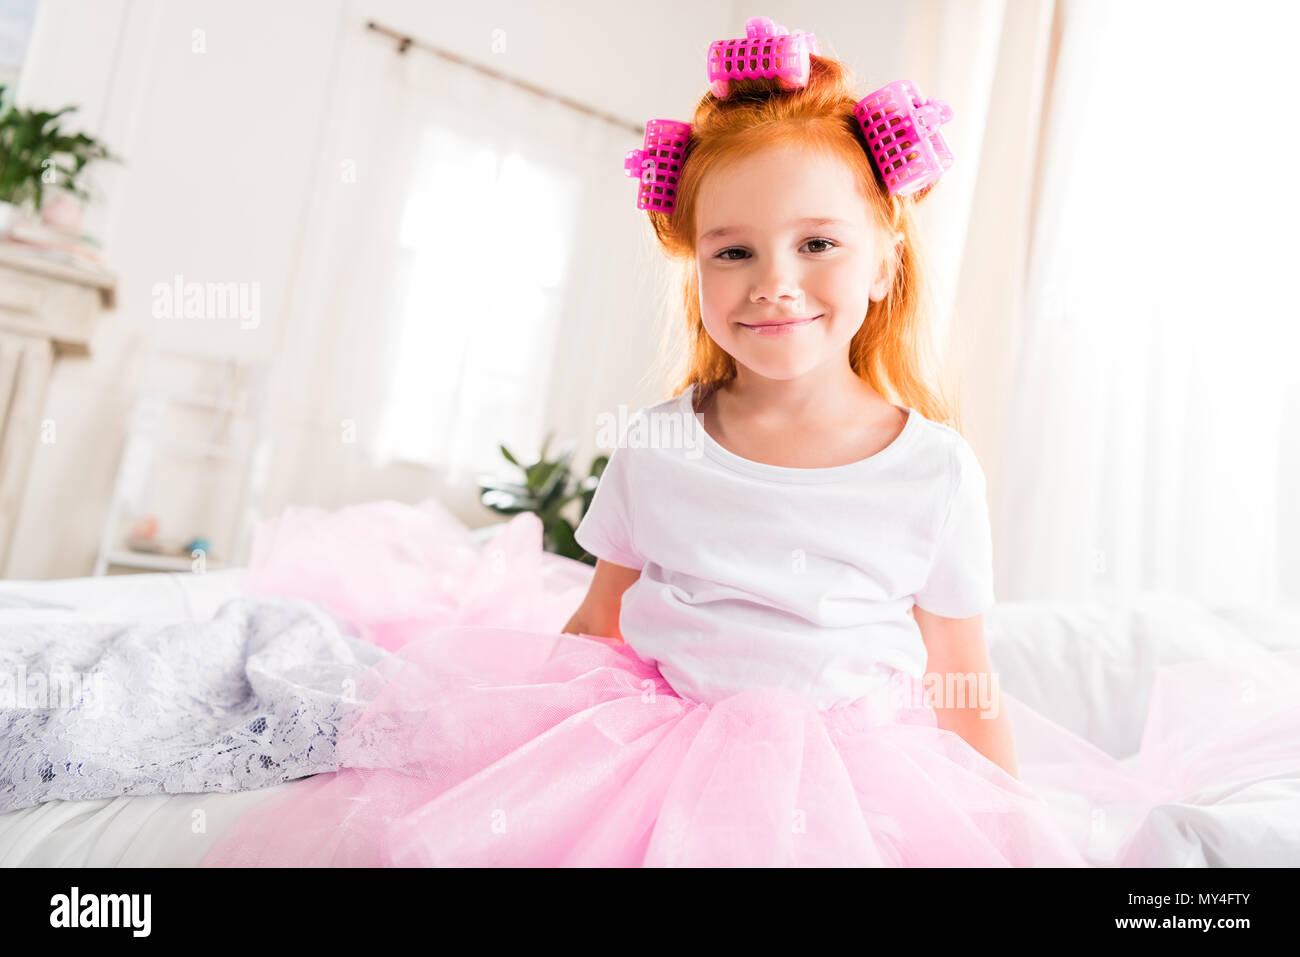 14b596881 Retrato de niña sonriente con rulos en la cabeza y falda tutú de tul  mirando a la cámara · LightField Studios Inc. / Alamy Foto de stock